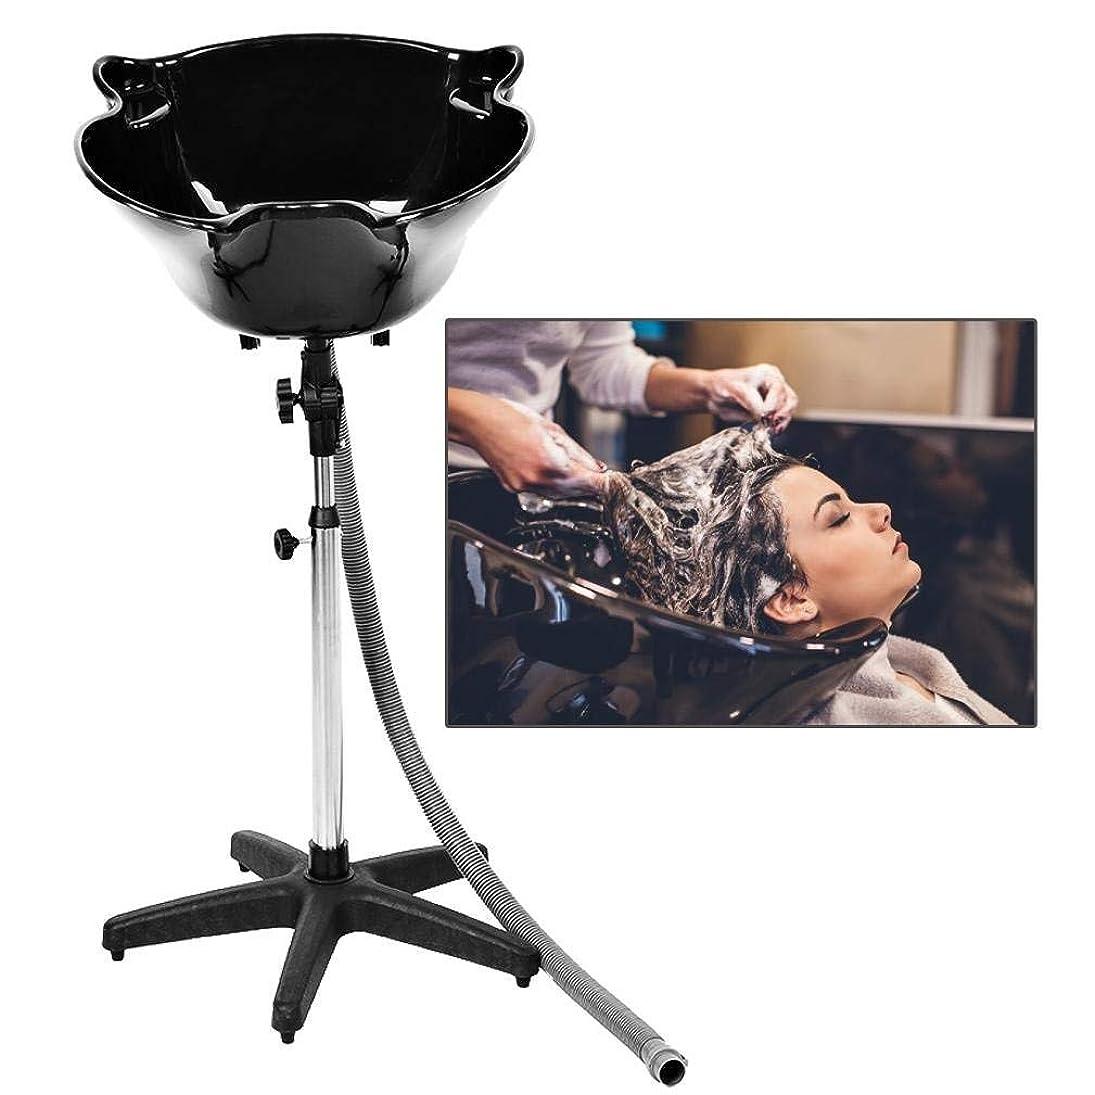 テラス体操装備する携帯用鉱泉の毛のシャンプーボール、排水管のシャンプーの流しの美容院装置が付いている調節可能な高さの流しの洗面器(#210)